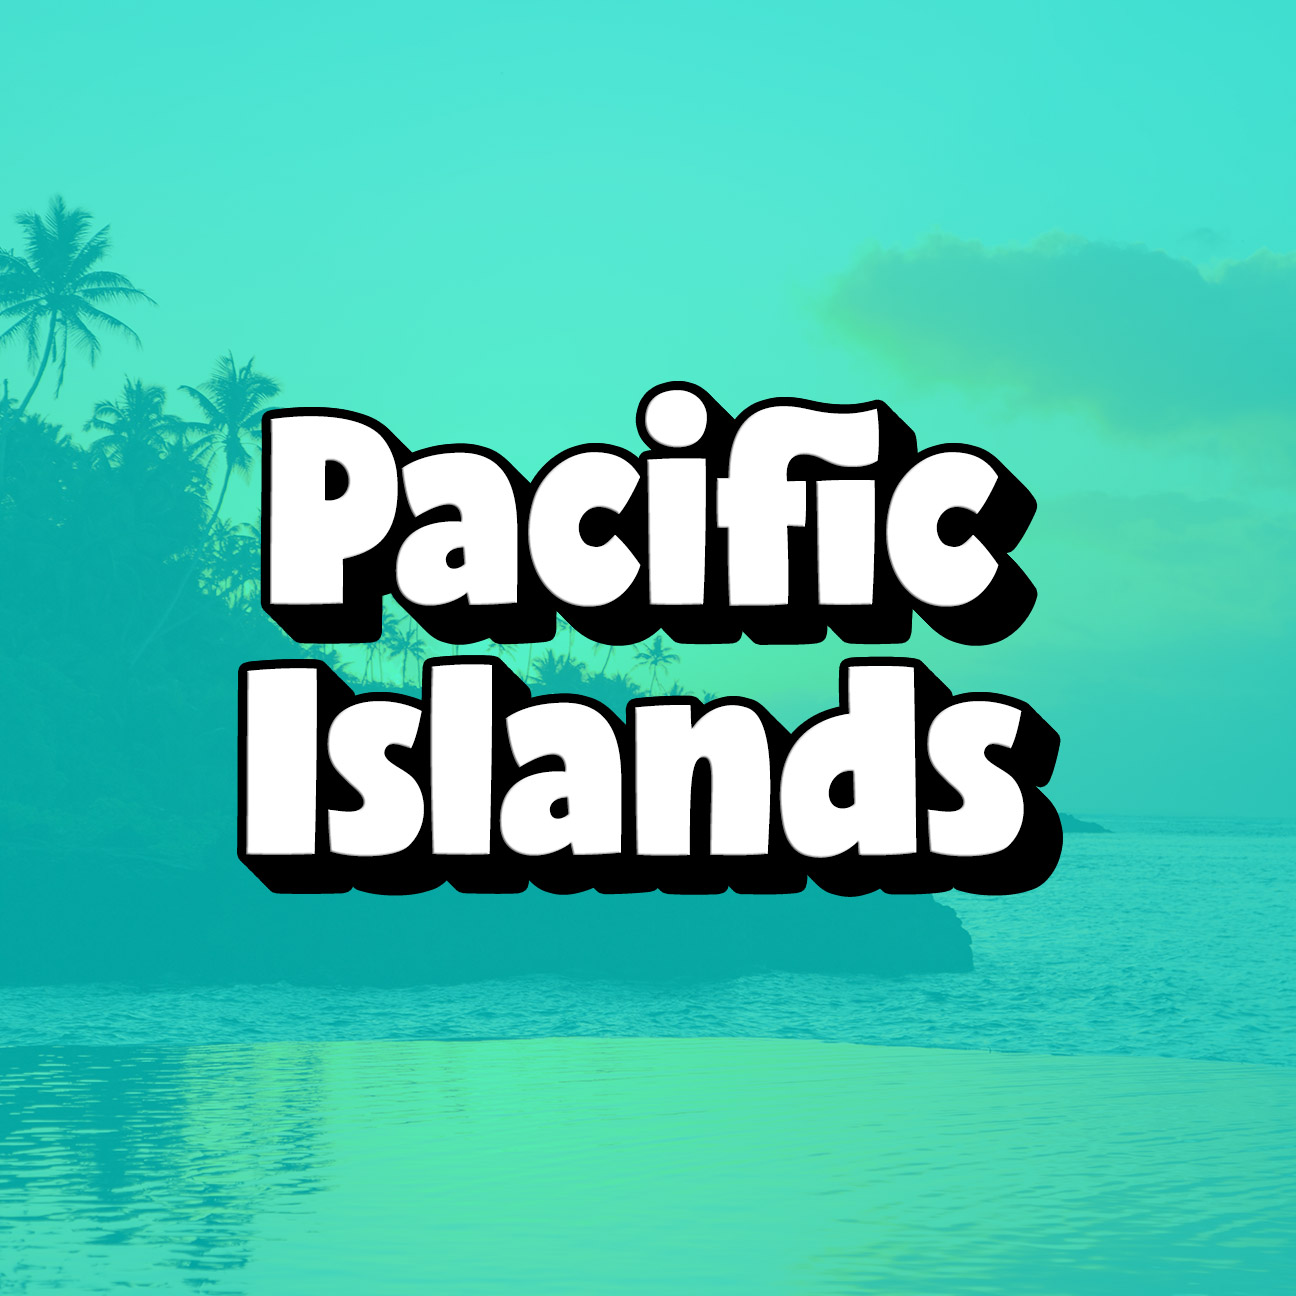 PacificIslands.jpg